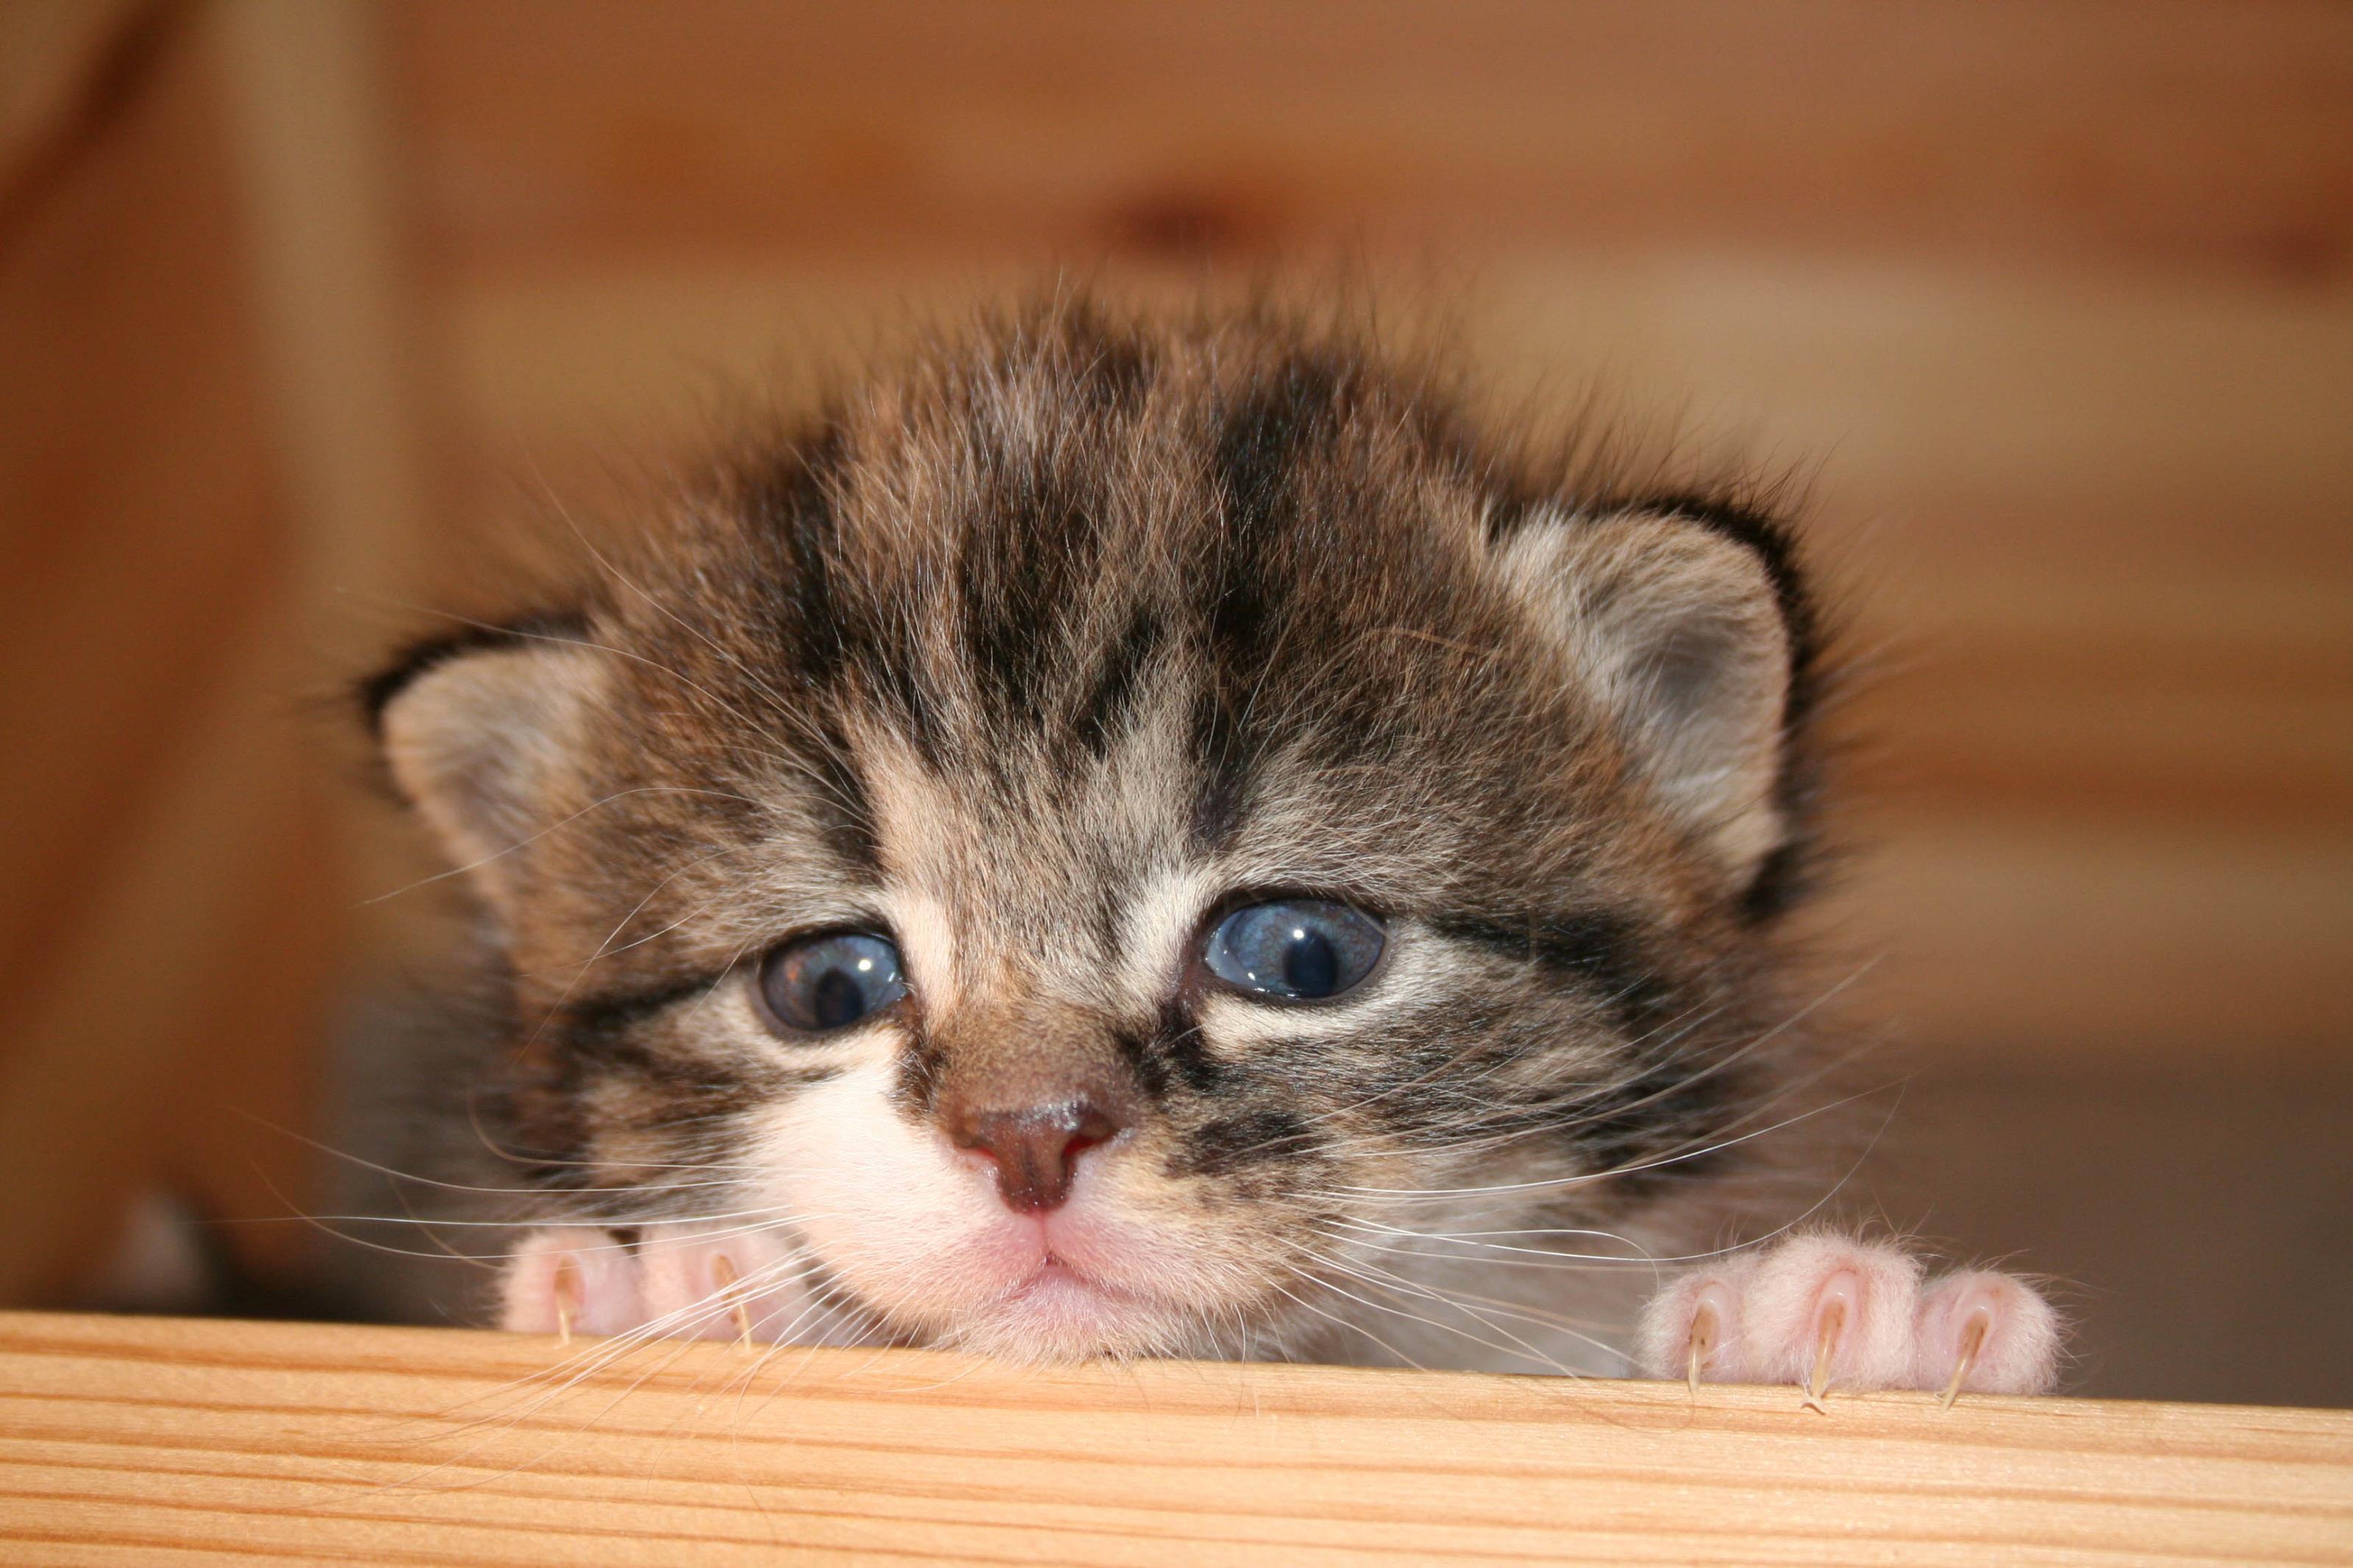 Gratis bilder p kattung katter for Weihnachtsdeko bilder gratis